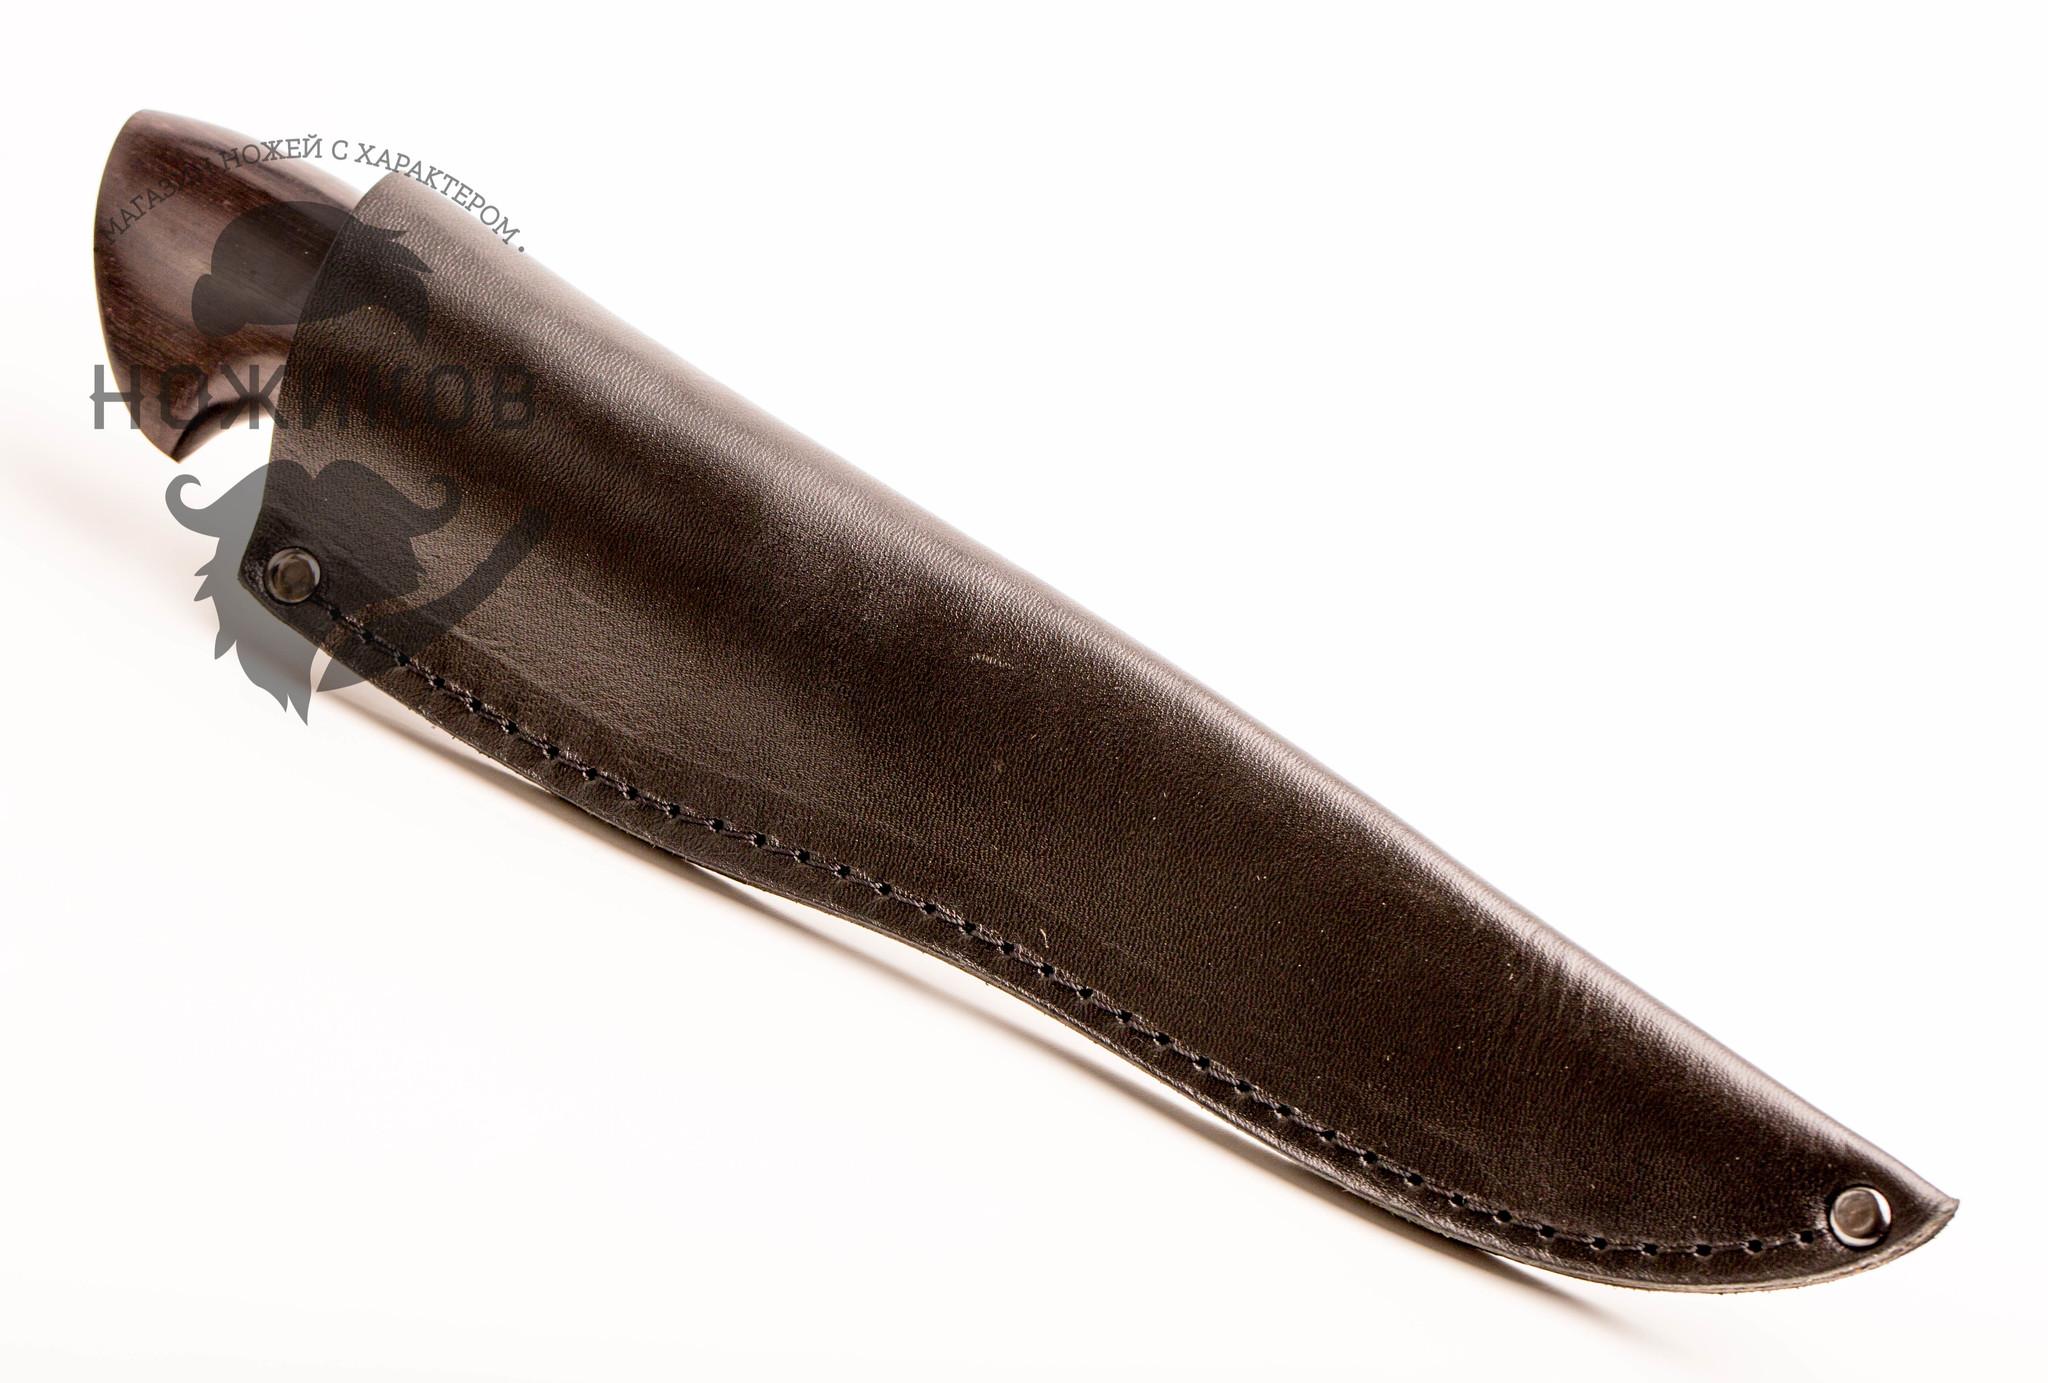 Фото 16 - Нож Якут булат, граб от Мастерская Климентьева